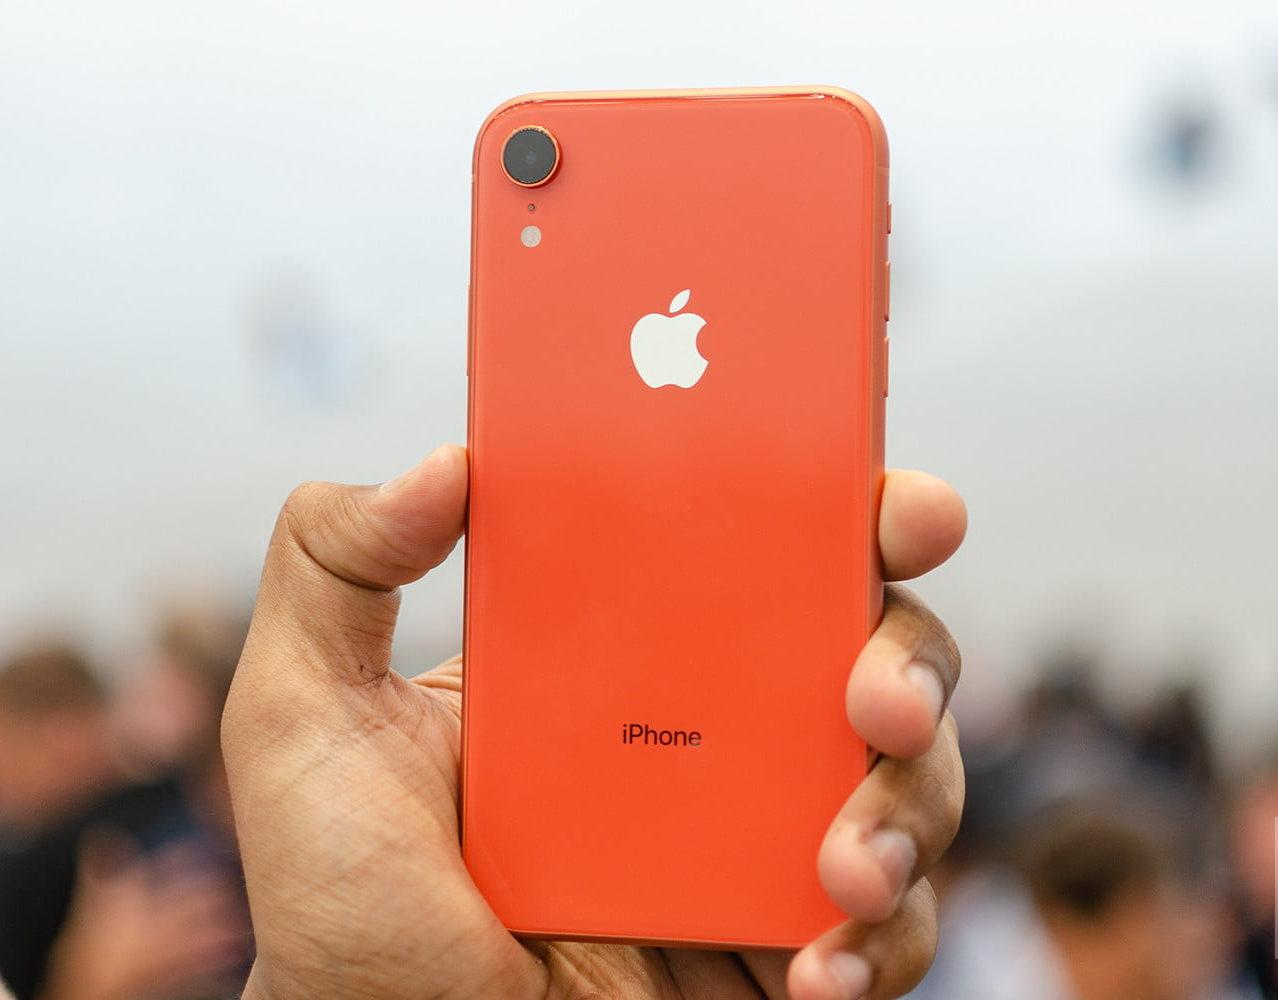 Khi rơi vỡ, bể mặt kính sau mới cần đi thay nắp lưng iPhone XR